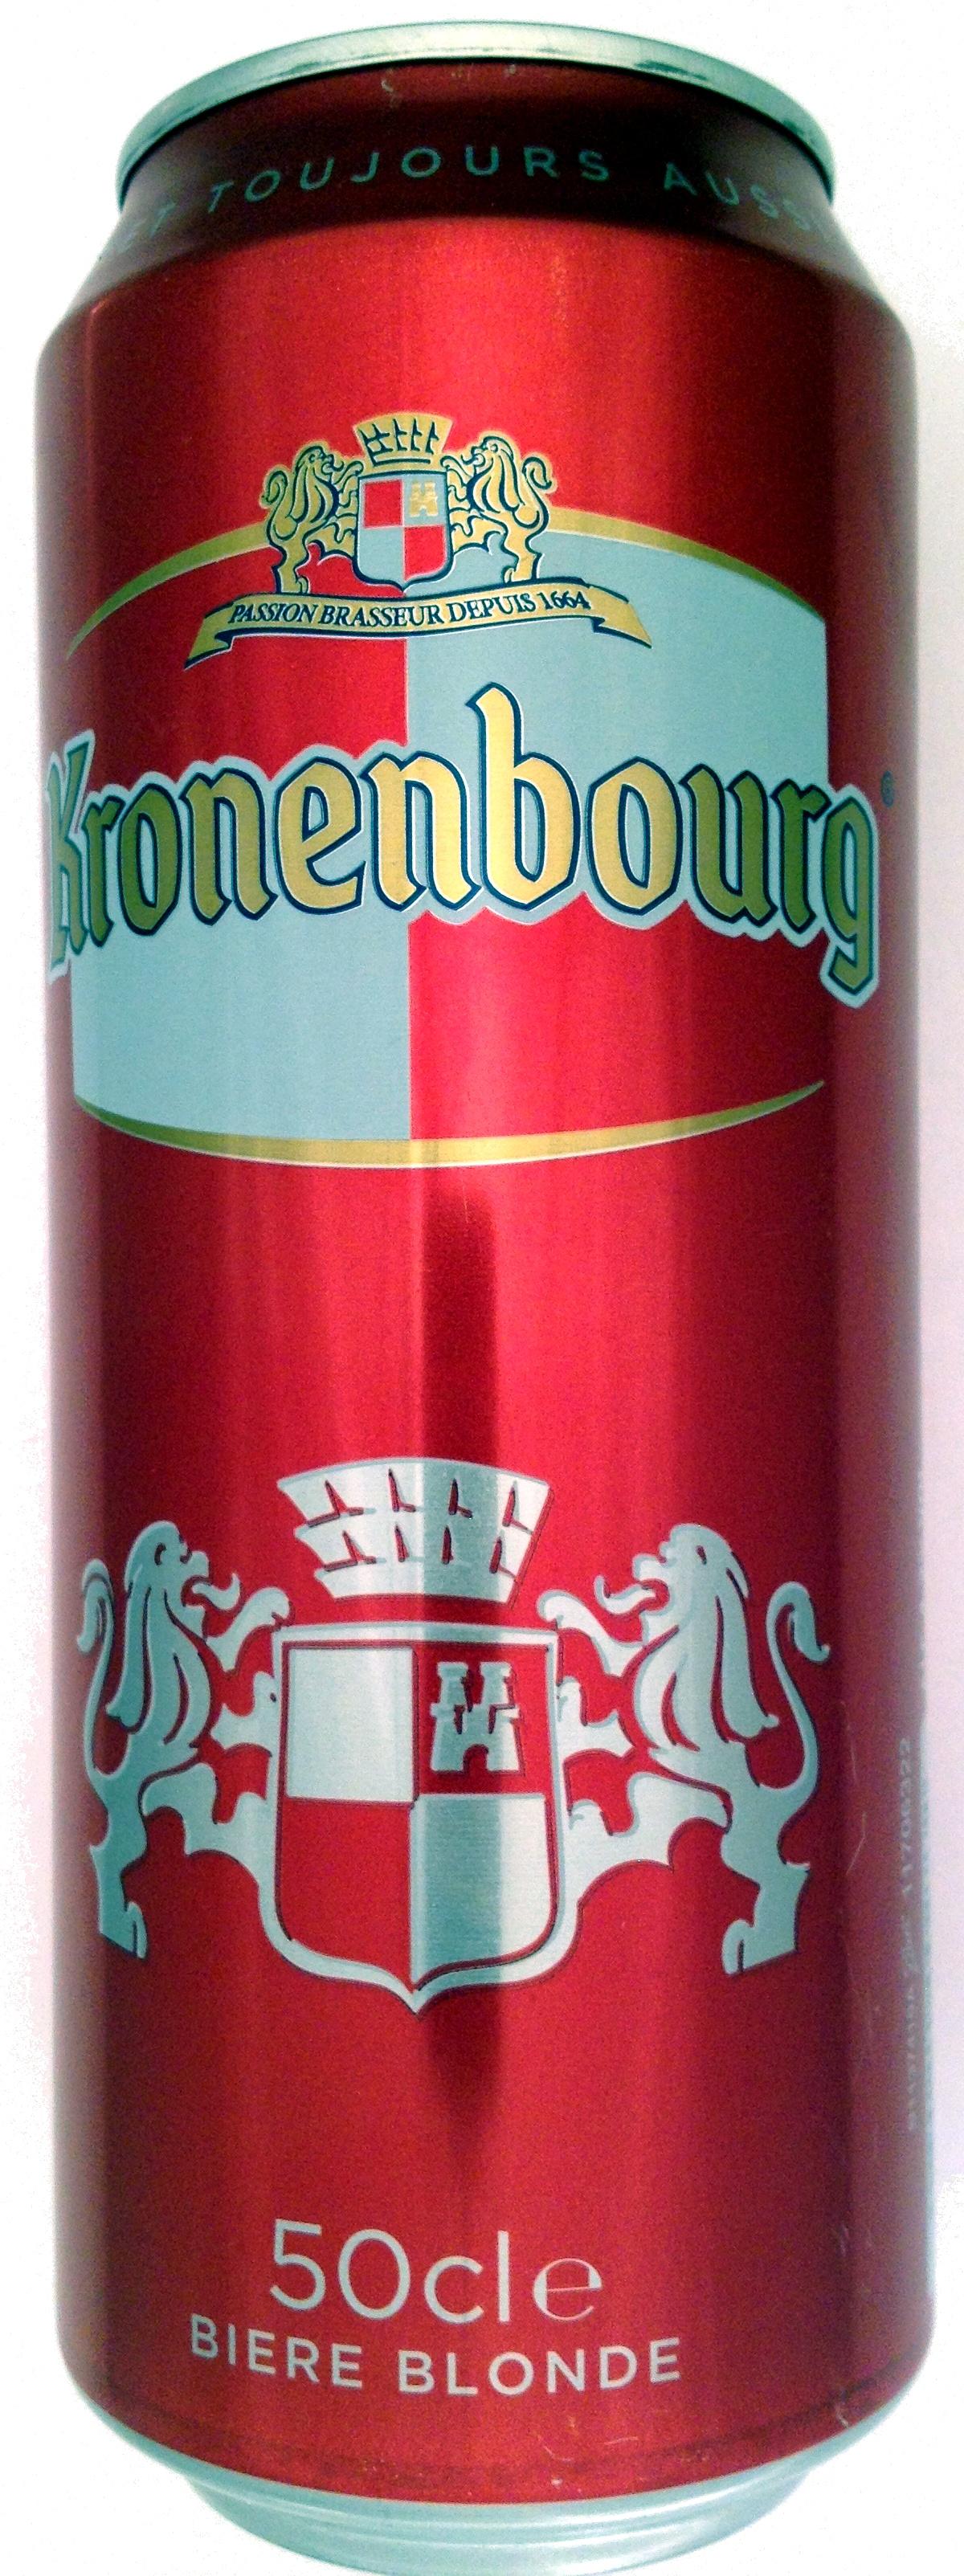 Kronenbourg 50 cl bière blonde - Product - fr